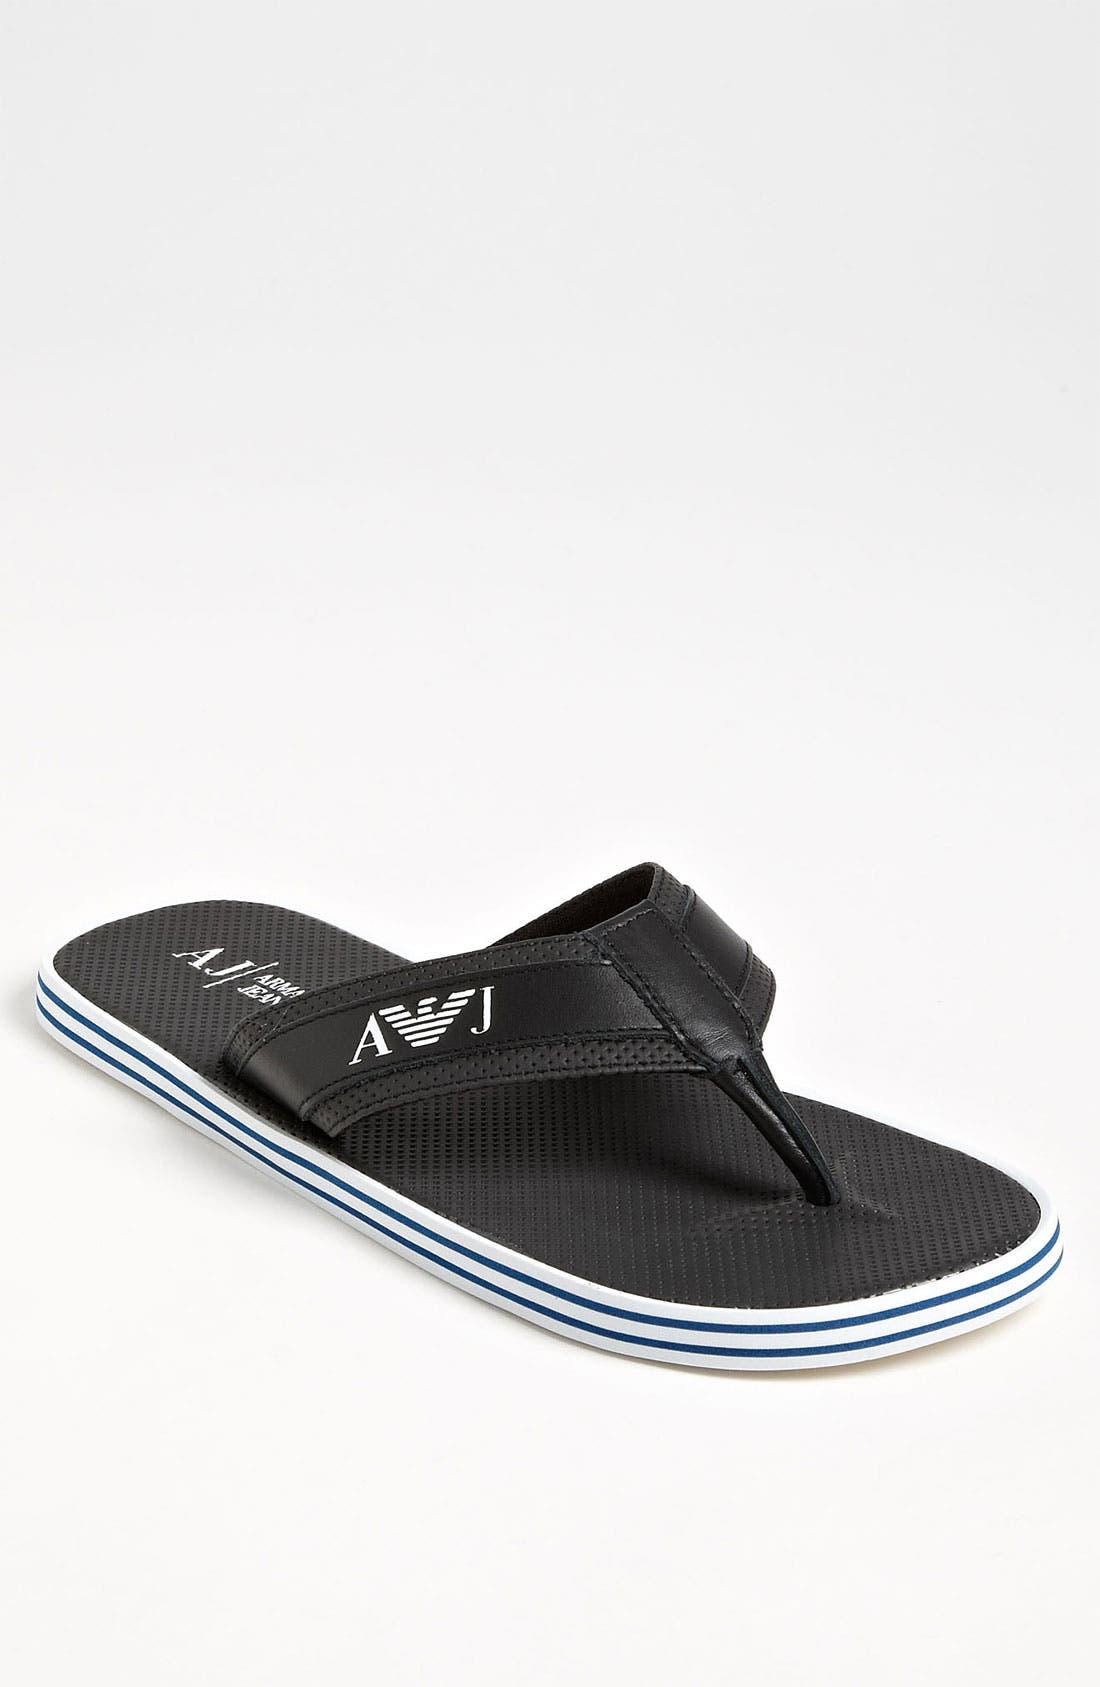 Main Image - Armani Jeans Flip Flop